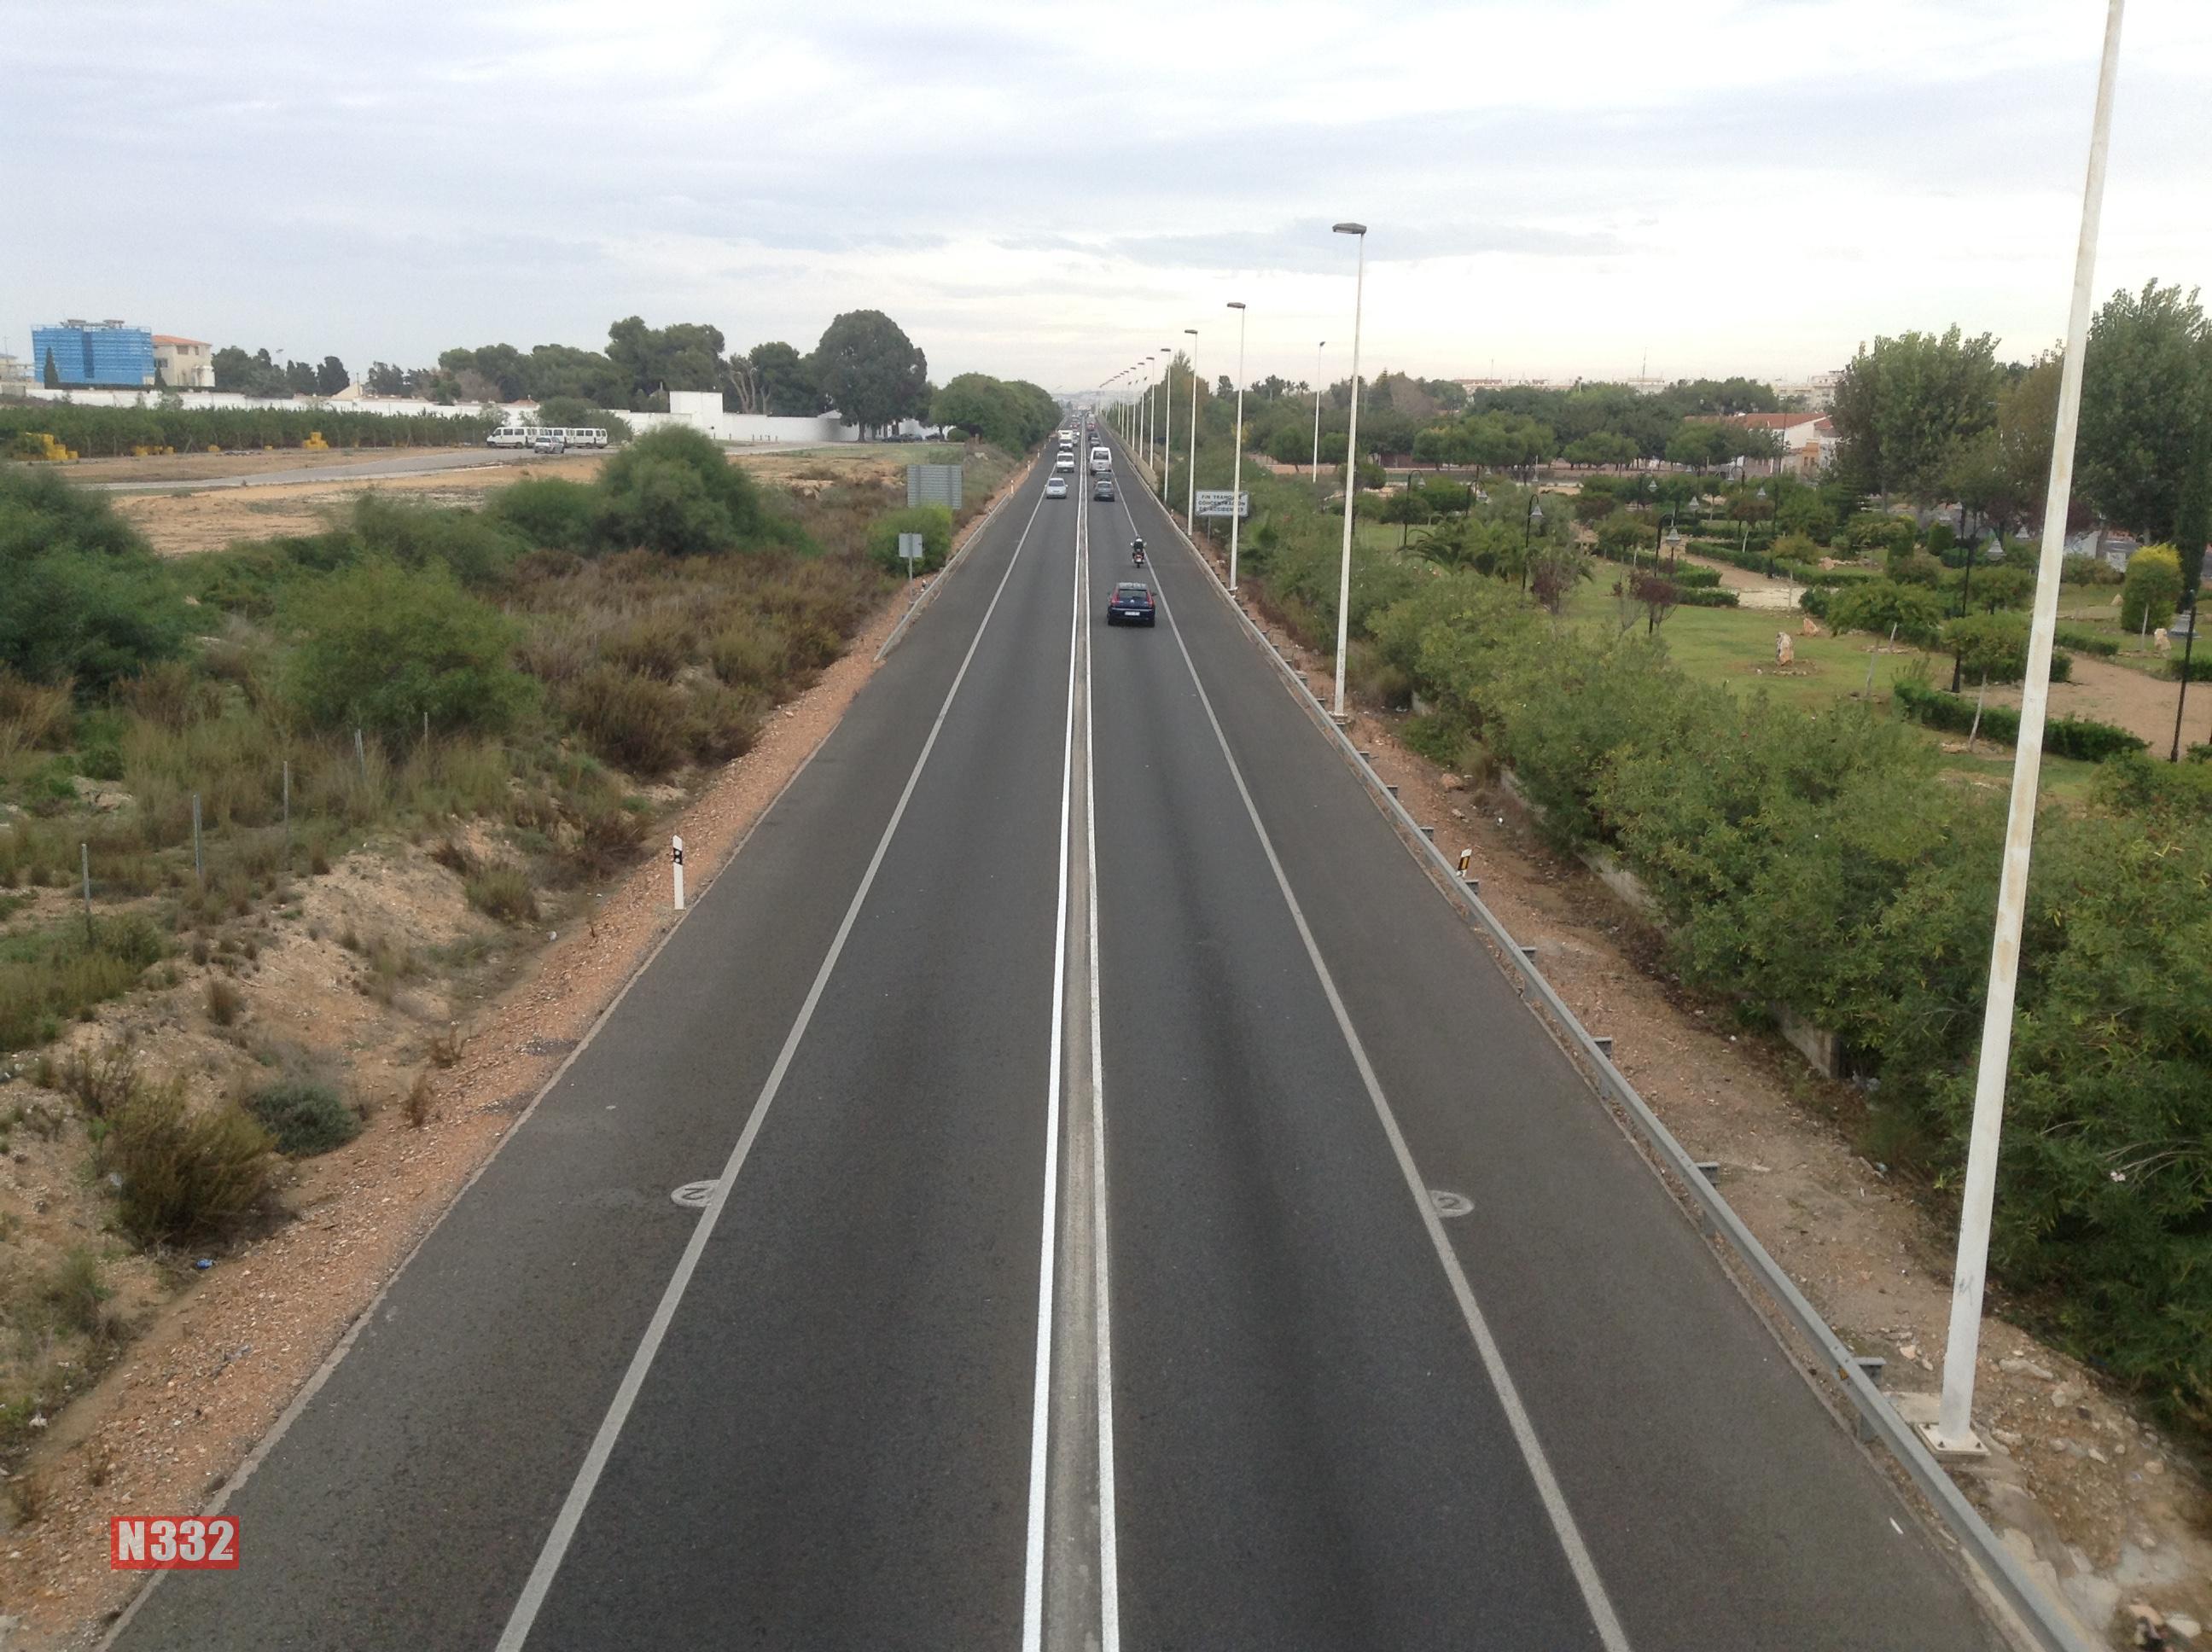 Road Markings and Lines | | N332 es - Driving In Spain